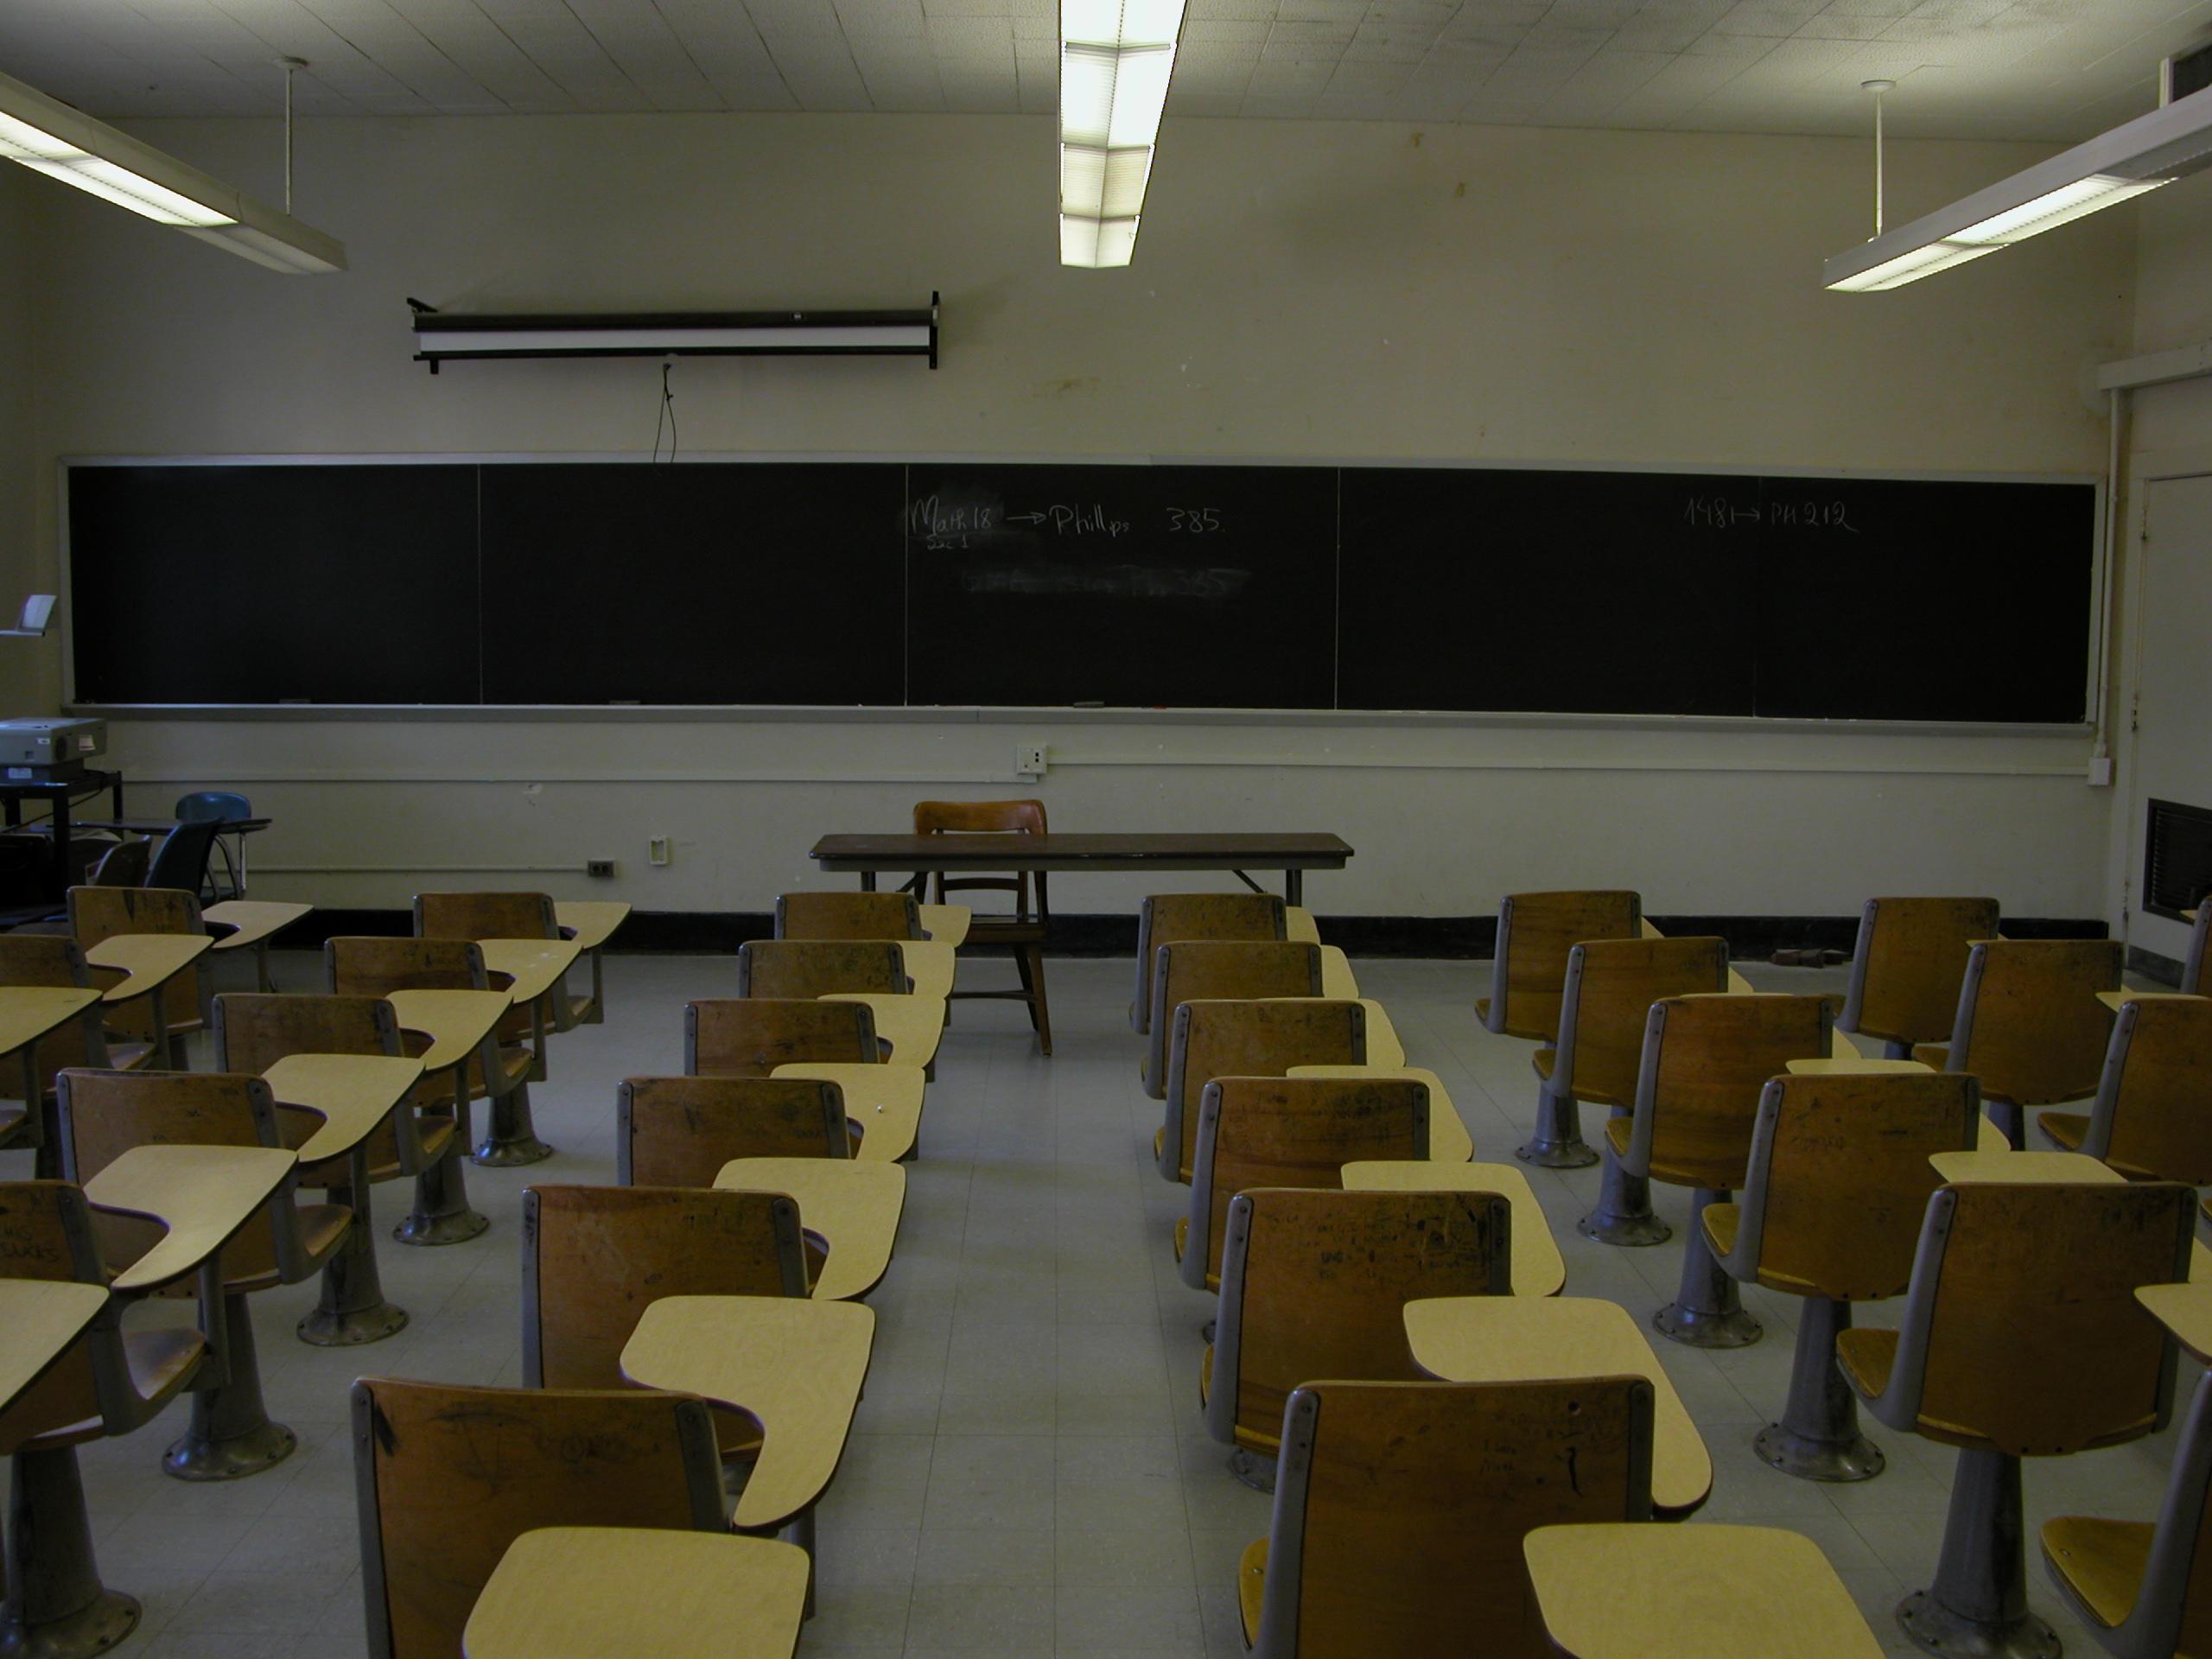 File:2003-09-30 UNC-CH Phillips classroom 2.jpg - Wikipedia